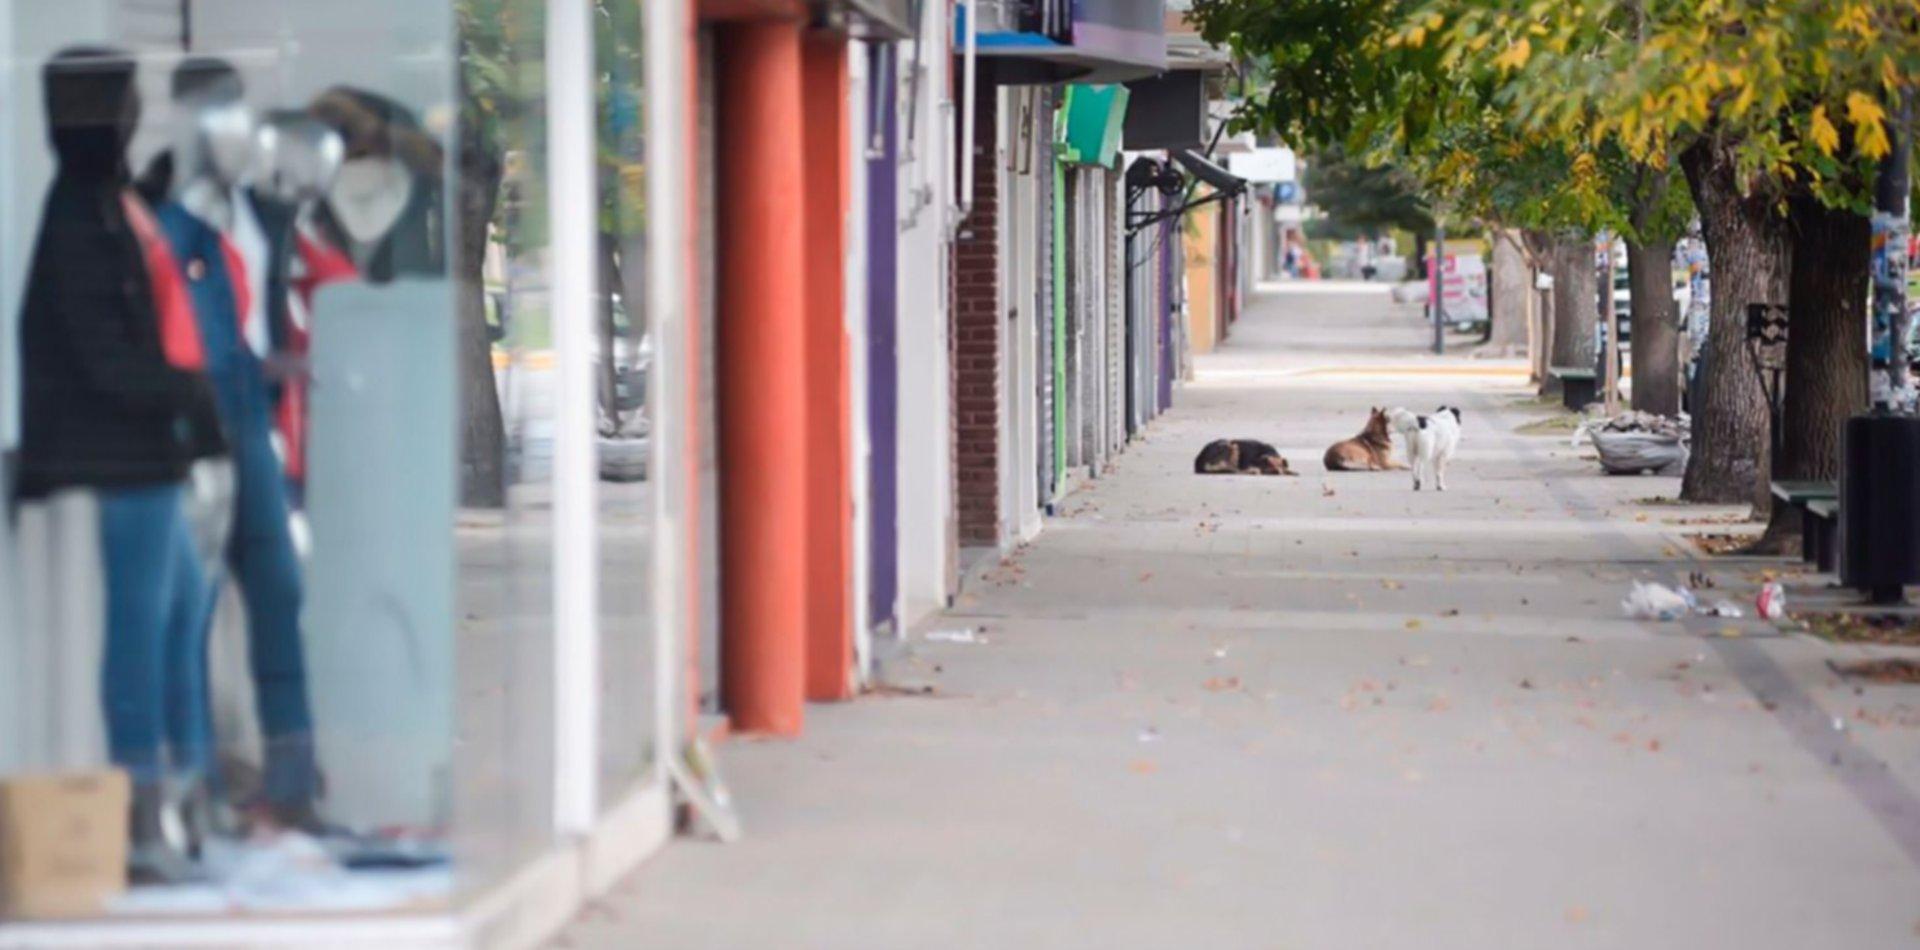 ¿Cómo será el funcionamiento de los servicios municipales durante Semana Santa en La Plata?